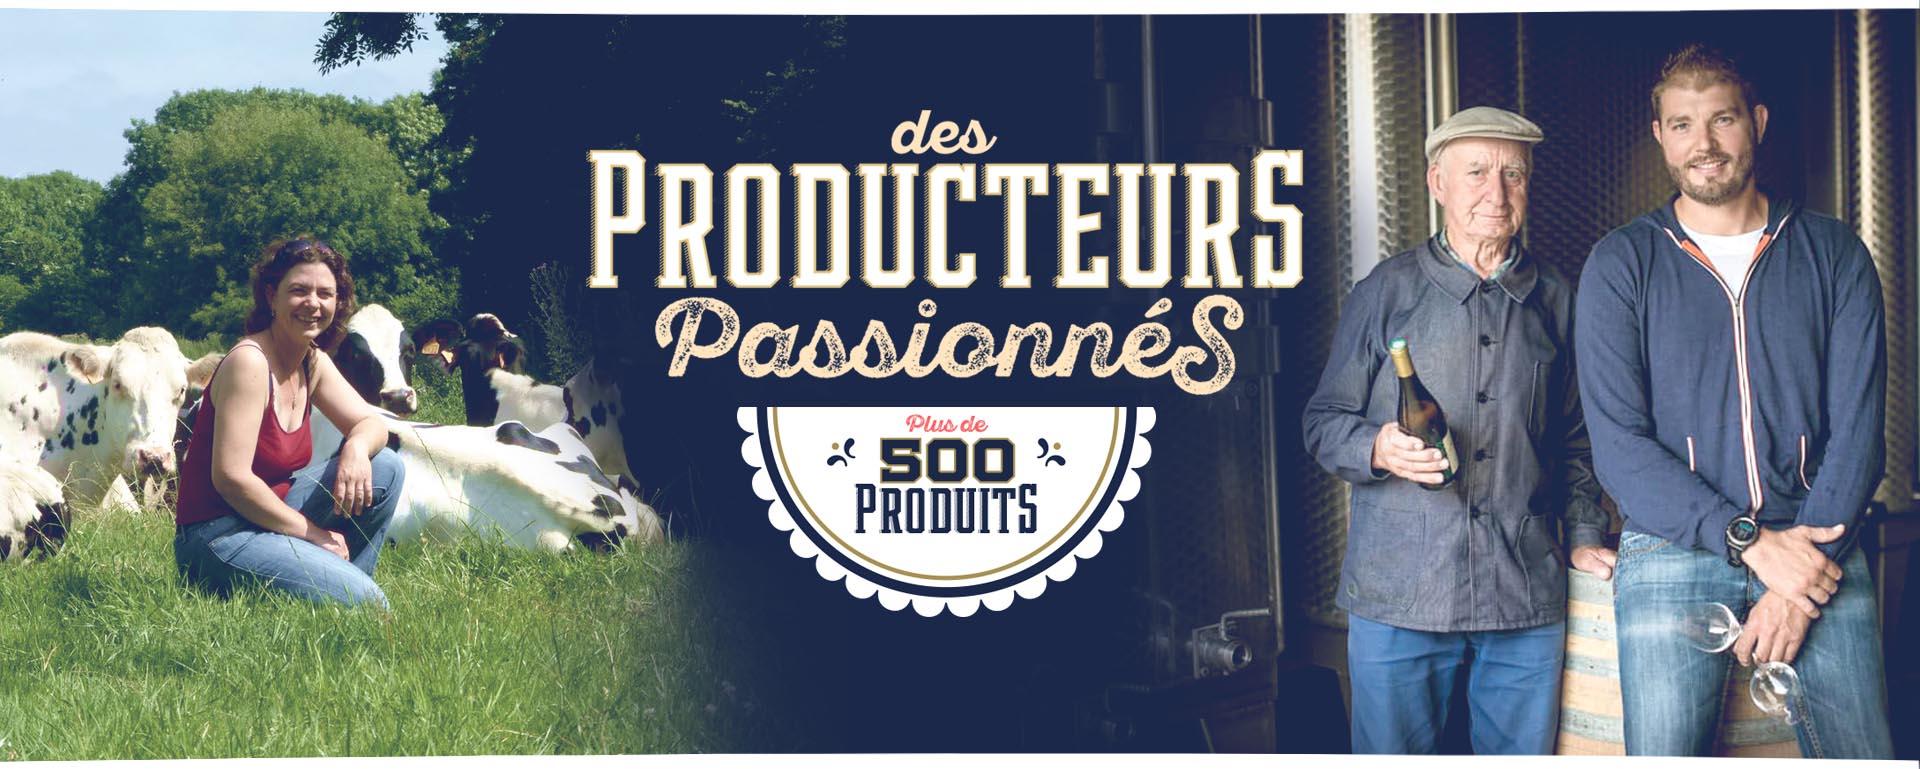 """Bannière Producteurs passionnés - Interview de Bastien Moussou, co-fondateur """"d'Issu d'à côté"""""""